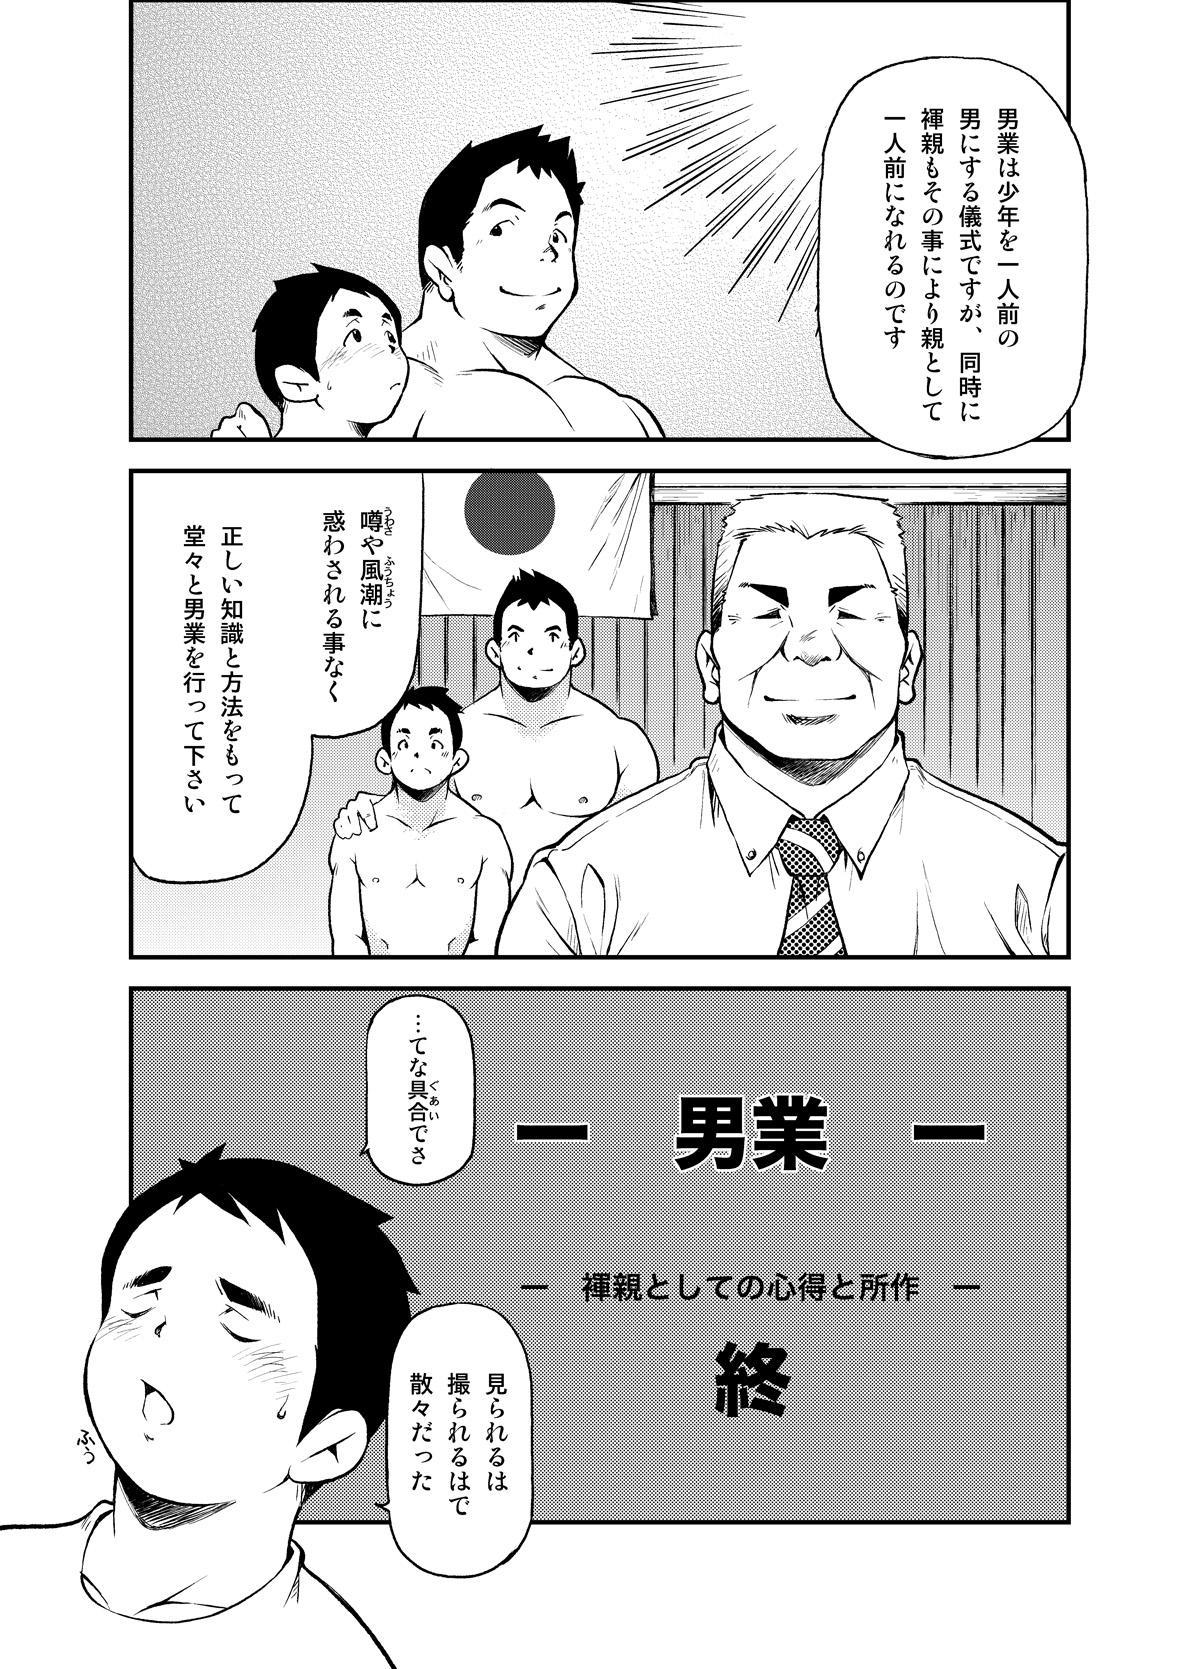 Tadashii Danshi no Kyouren Hou 24